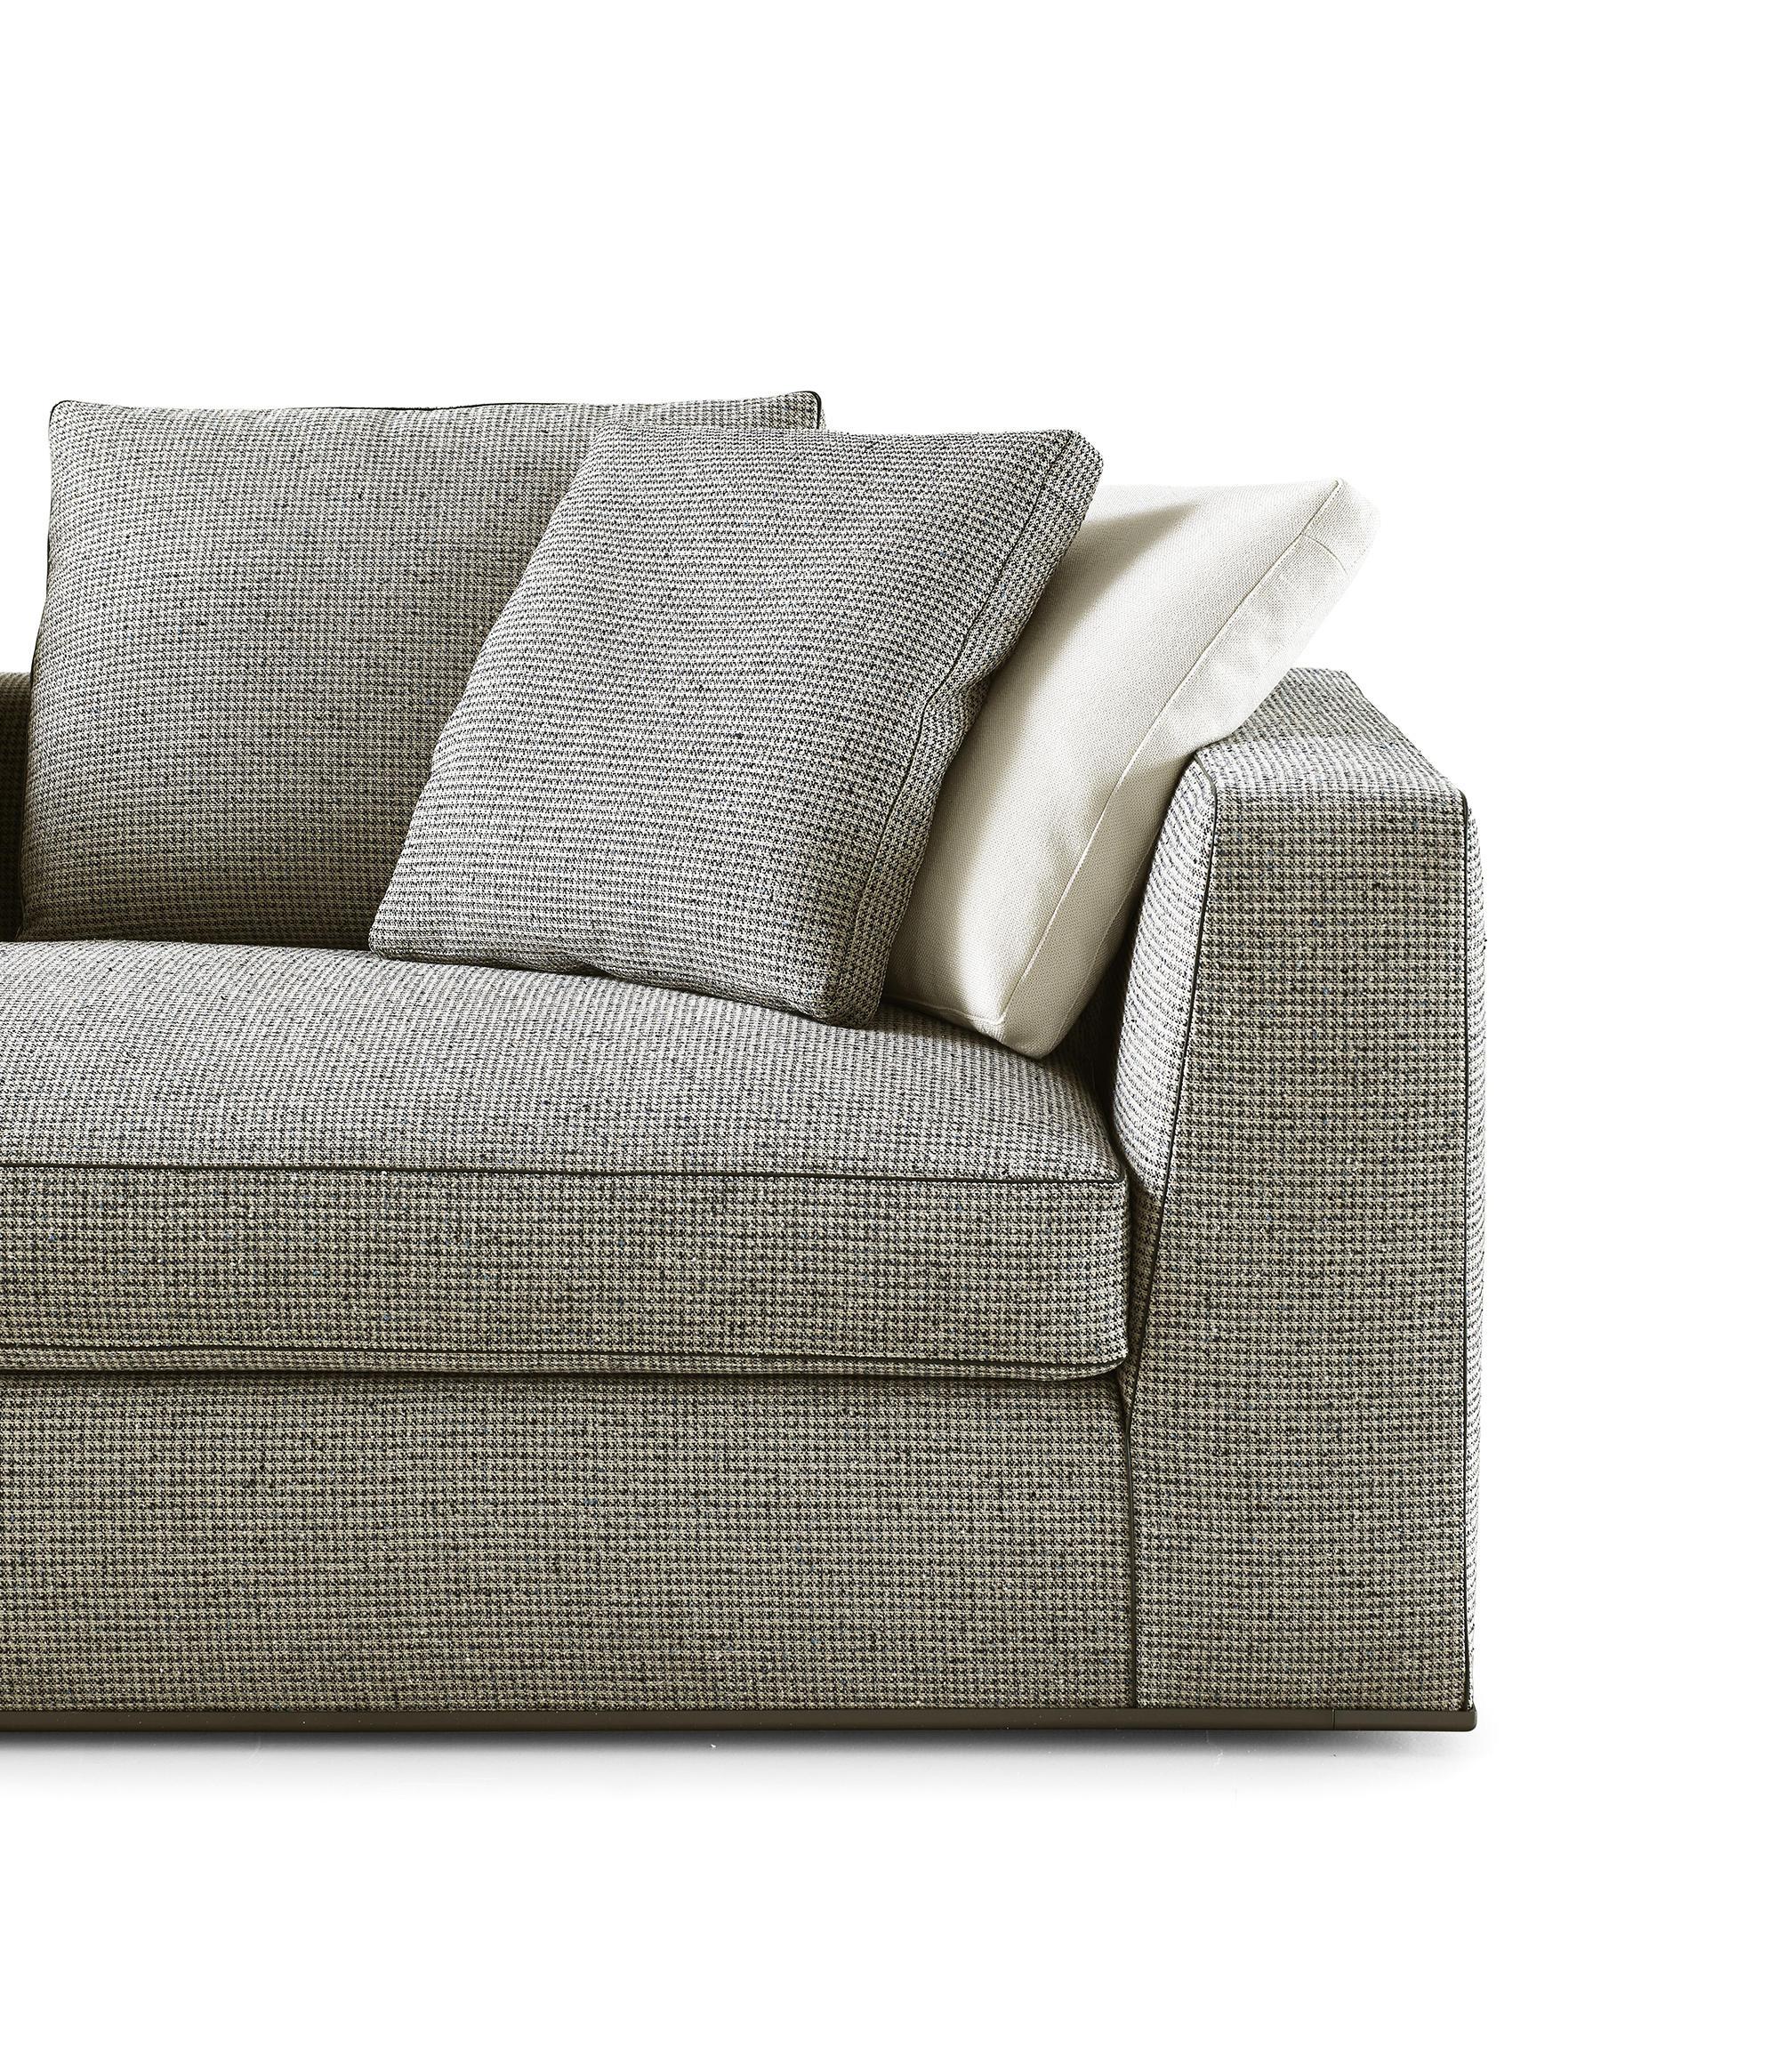 Otium Modular Sofa by Maxalto